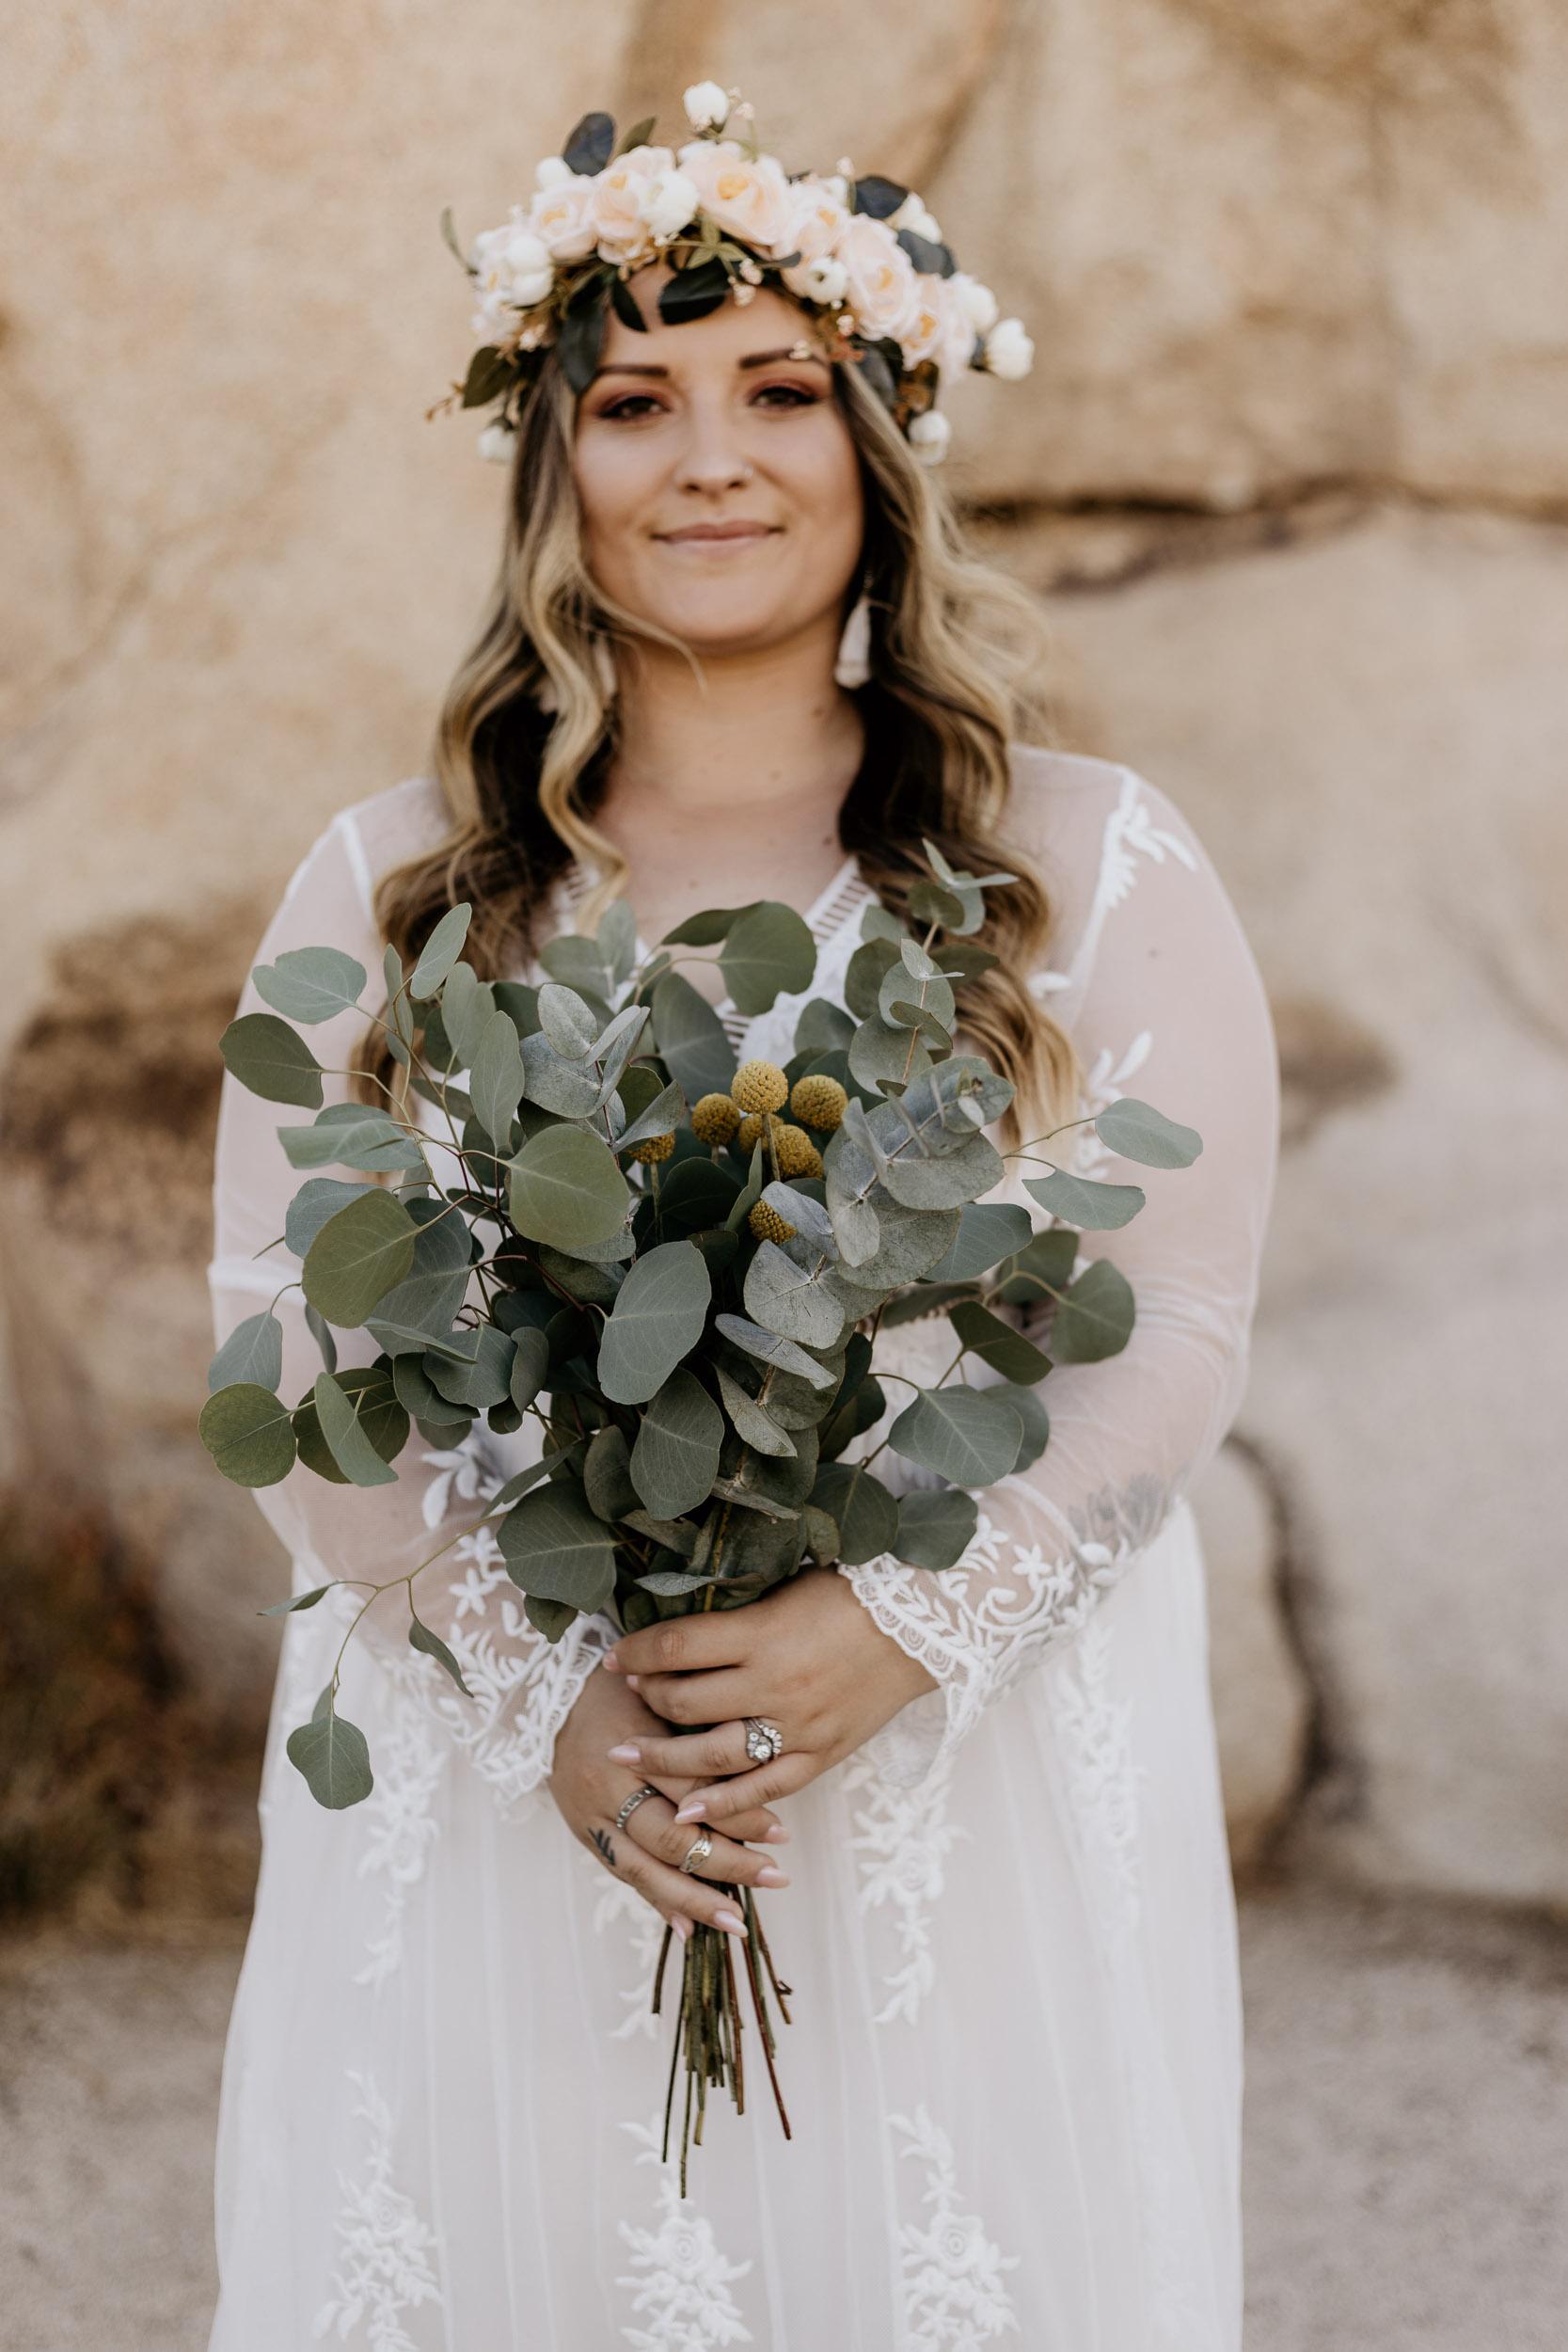 intimate-wedding-elopement-photographer-ottawa-joshua-tree-0065.jpg